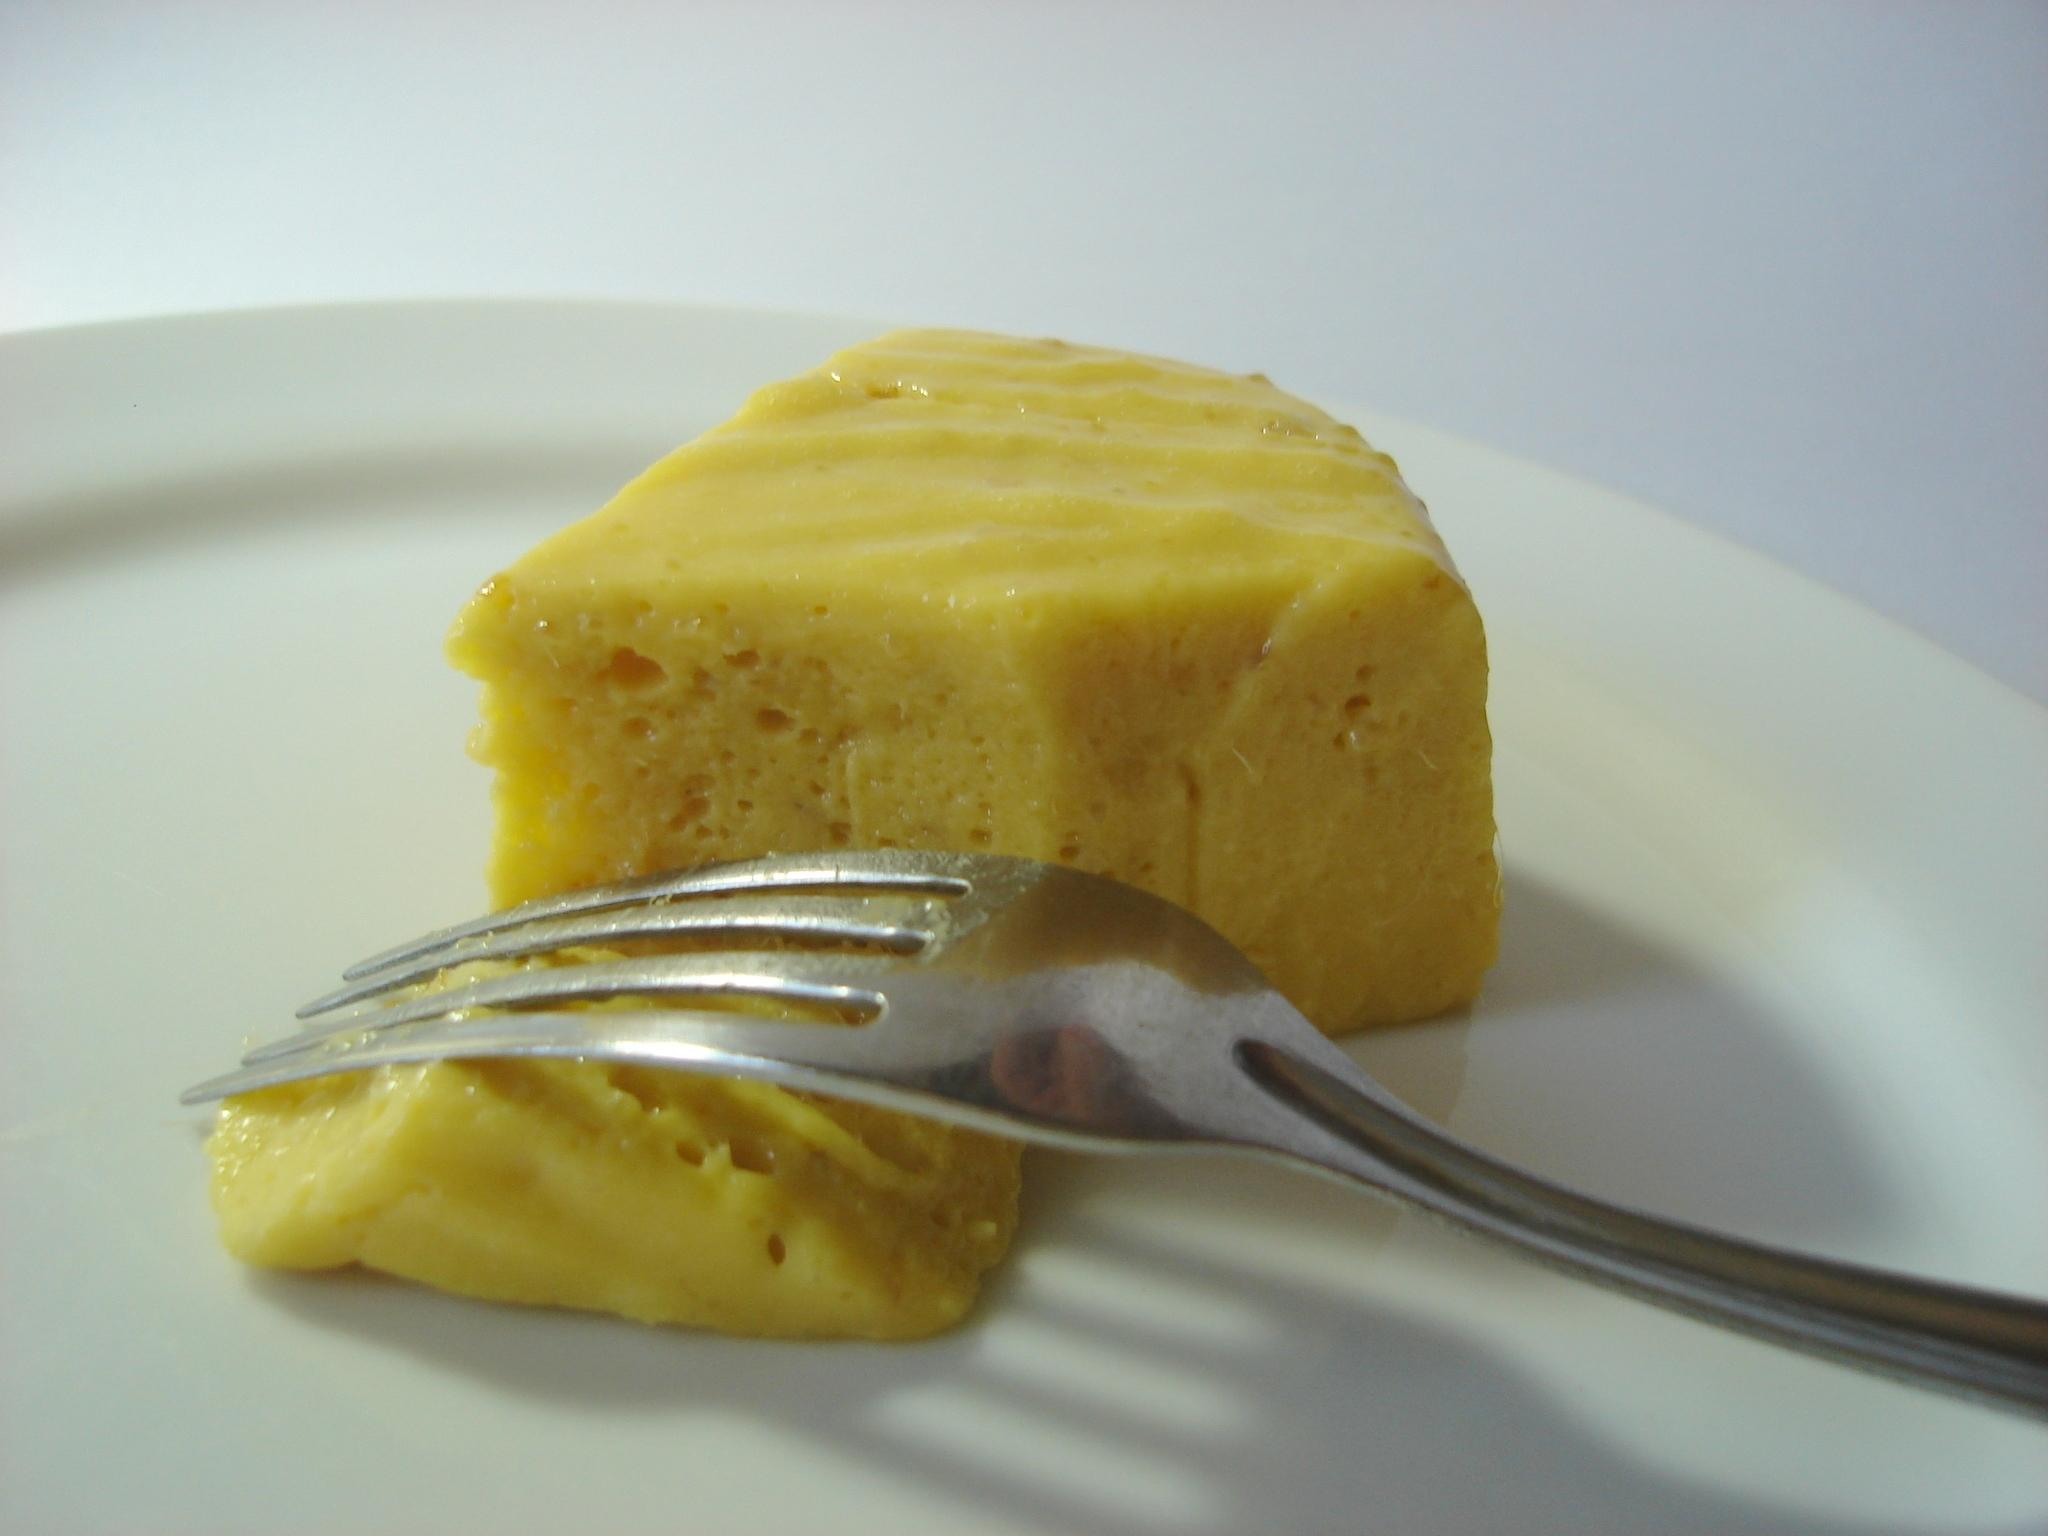 mousse de laranja com leite condensado sem gelatina